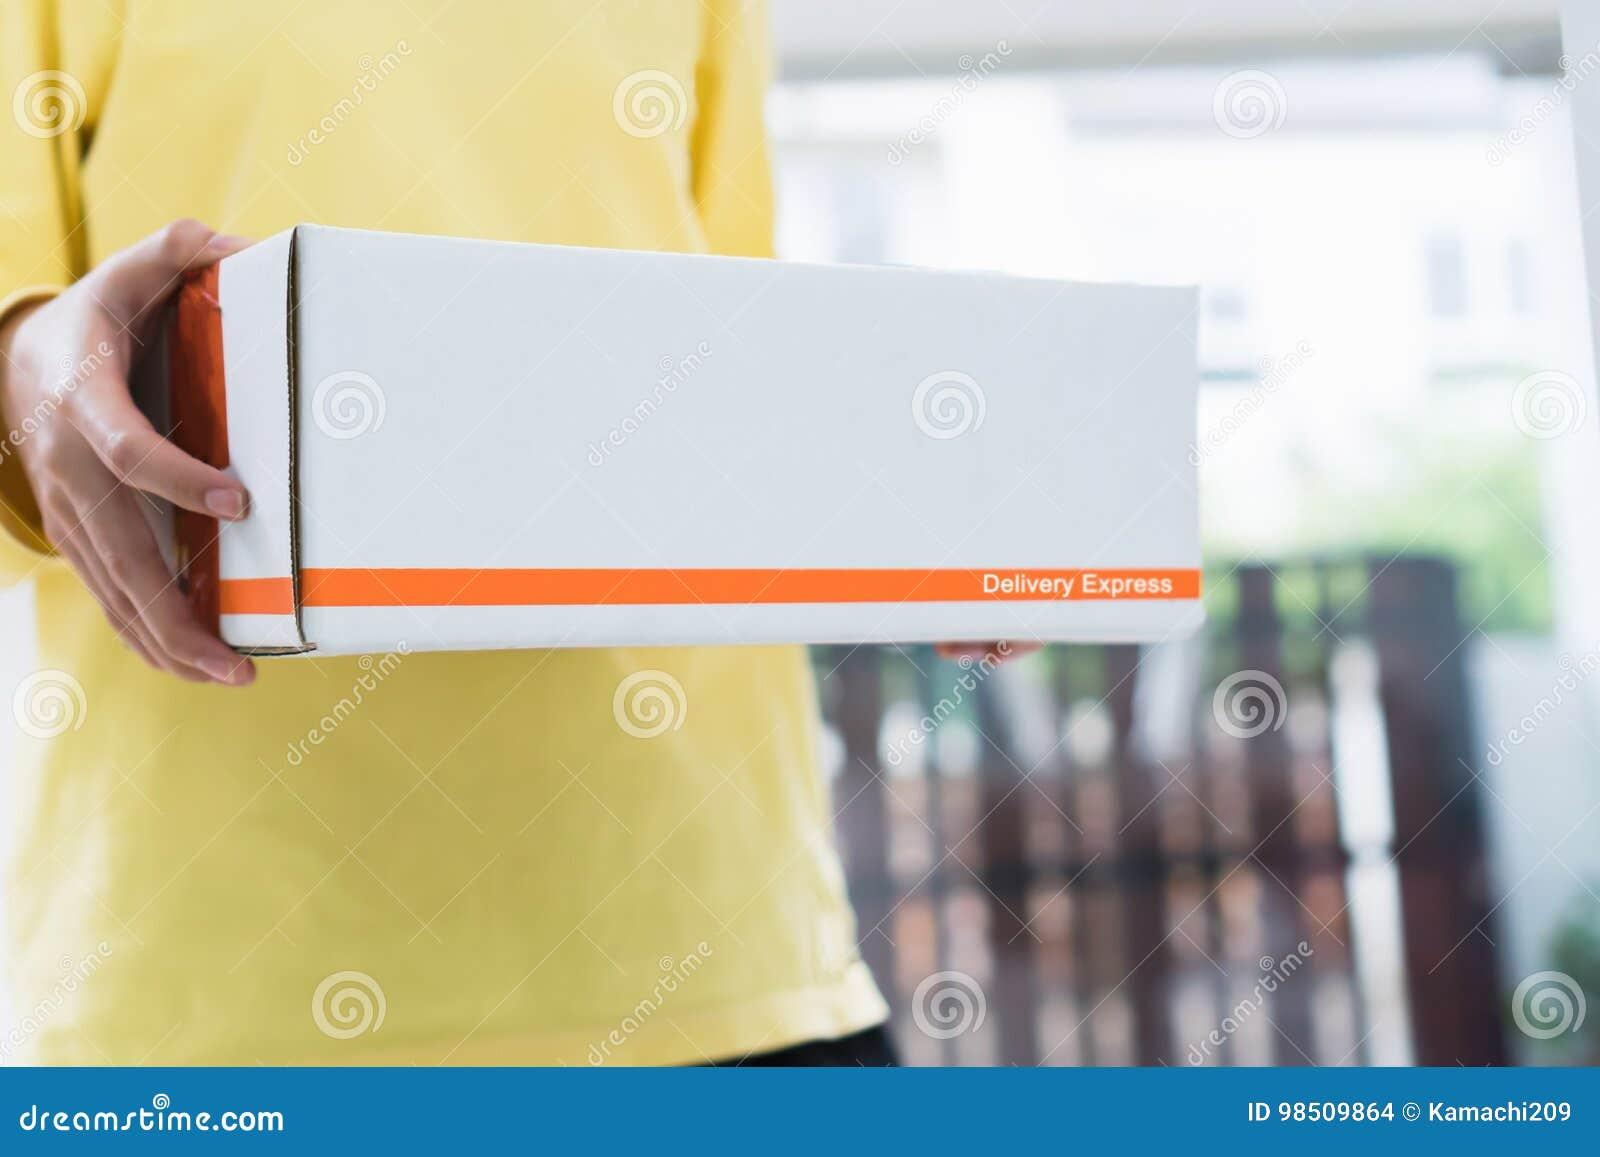 Οι υπάλληλοι κρατούν ένα δέμα στο αυτοκίνητο που στέλνει στον πελάτη Σε απευθείας σύνδεση διαταγή για διευκόλυνση των πελατών